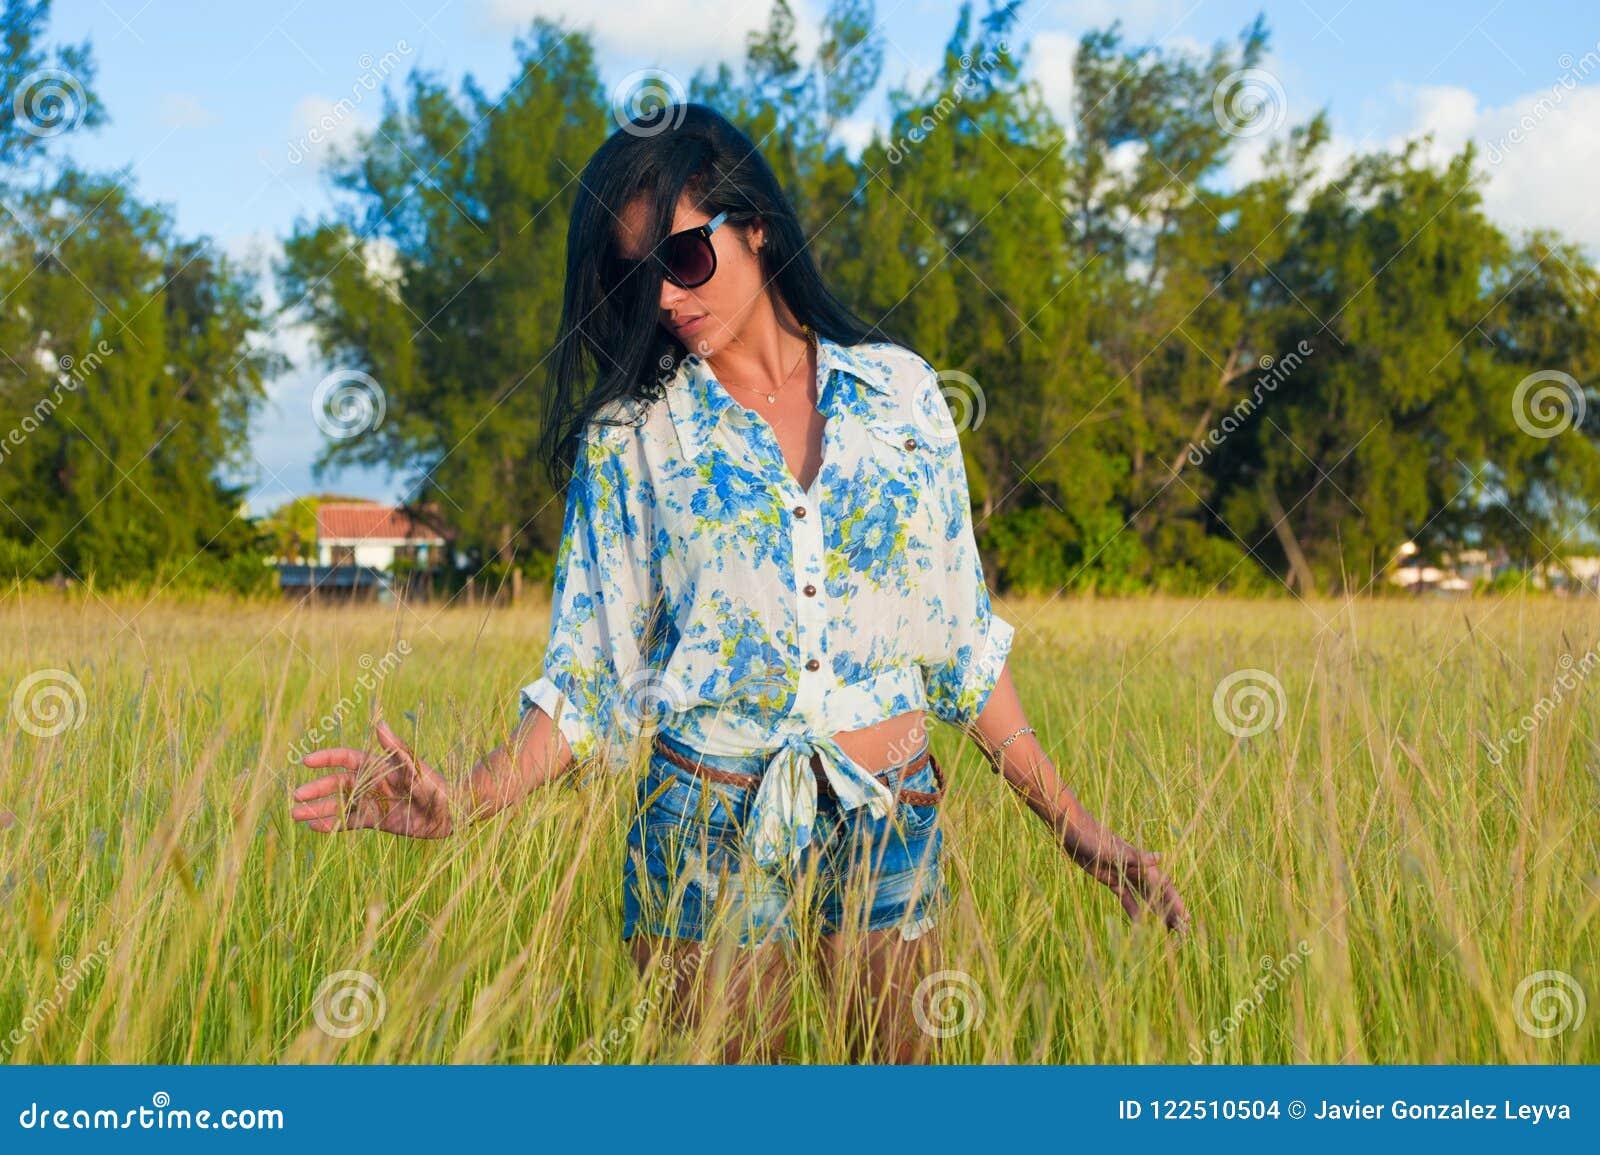 Latina-Frau mit Sonnenbrille und kurzen Hosen